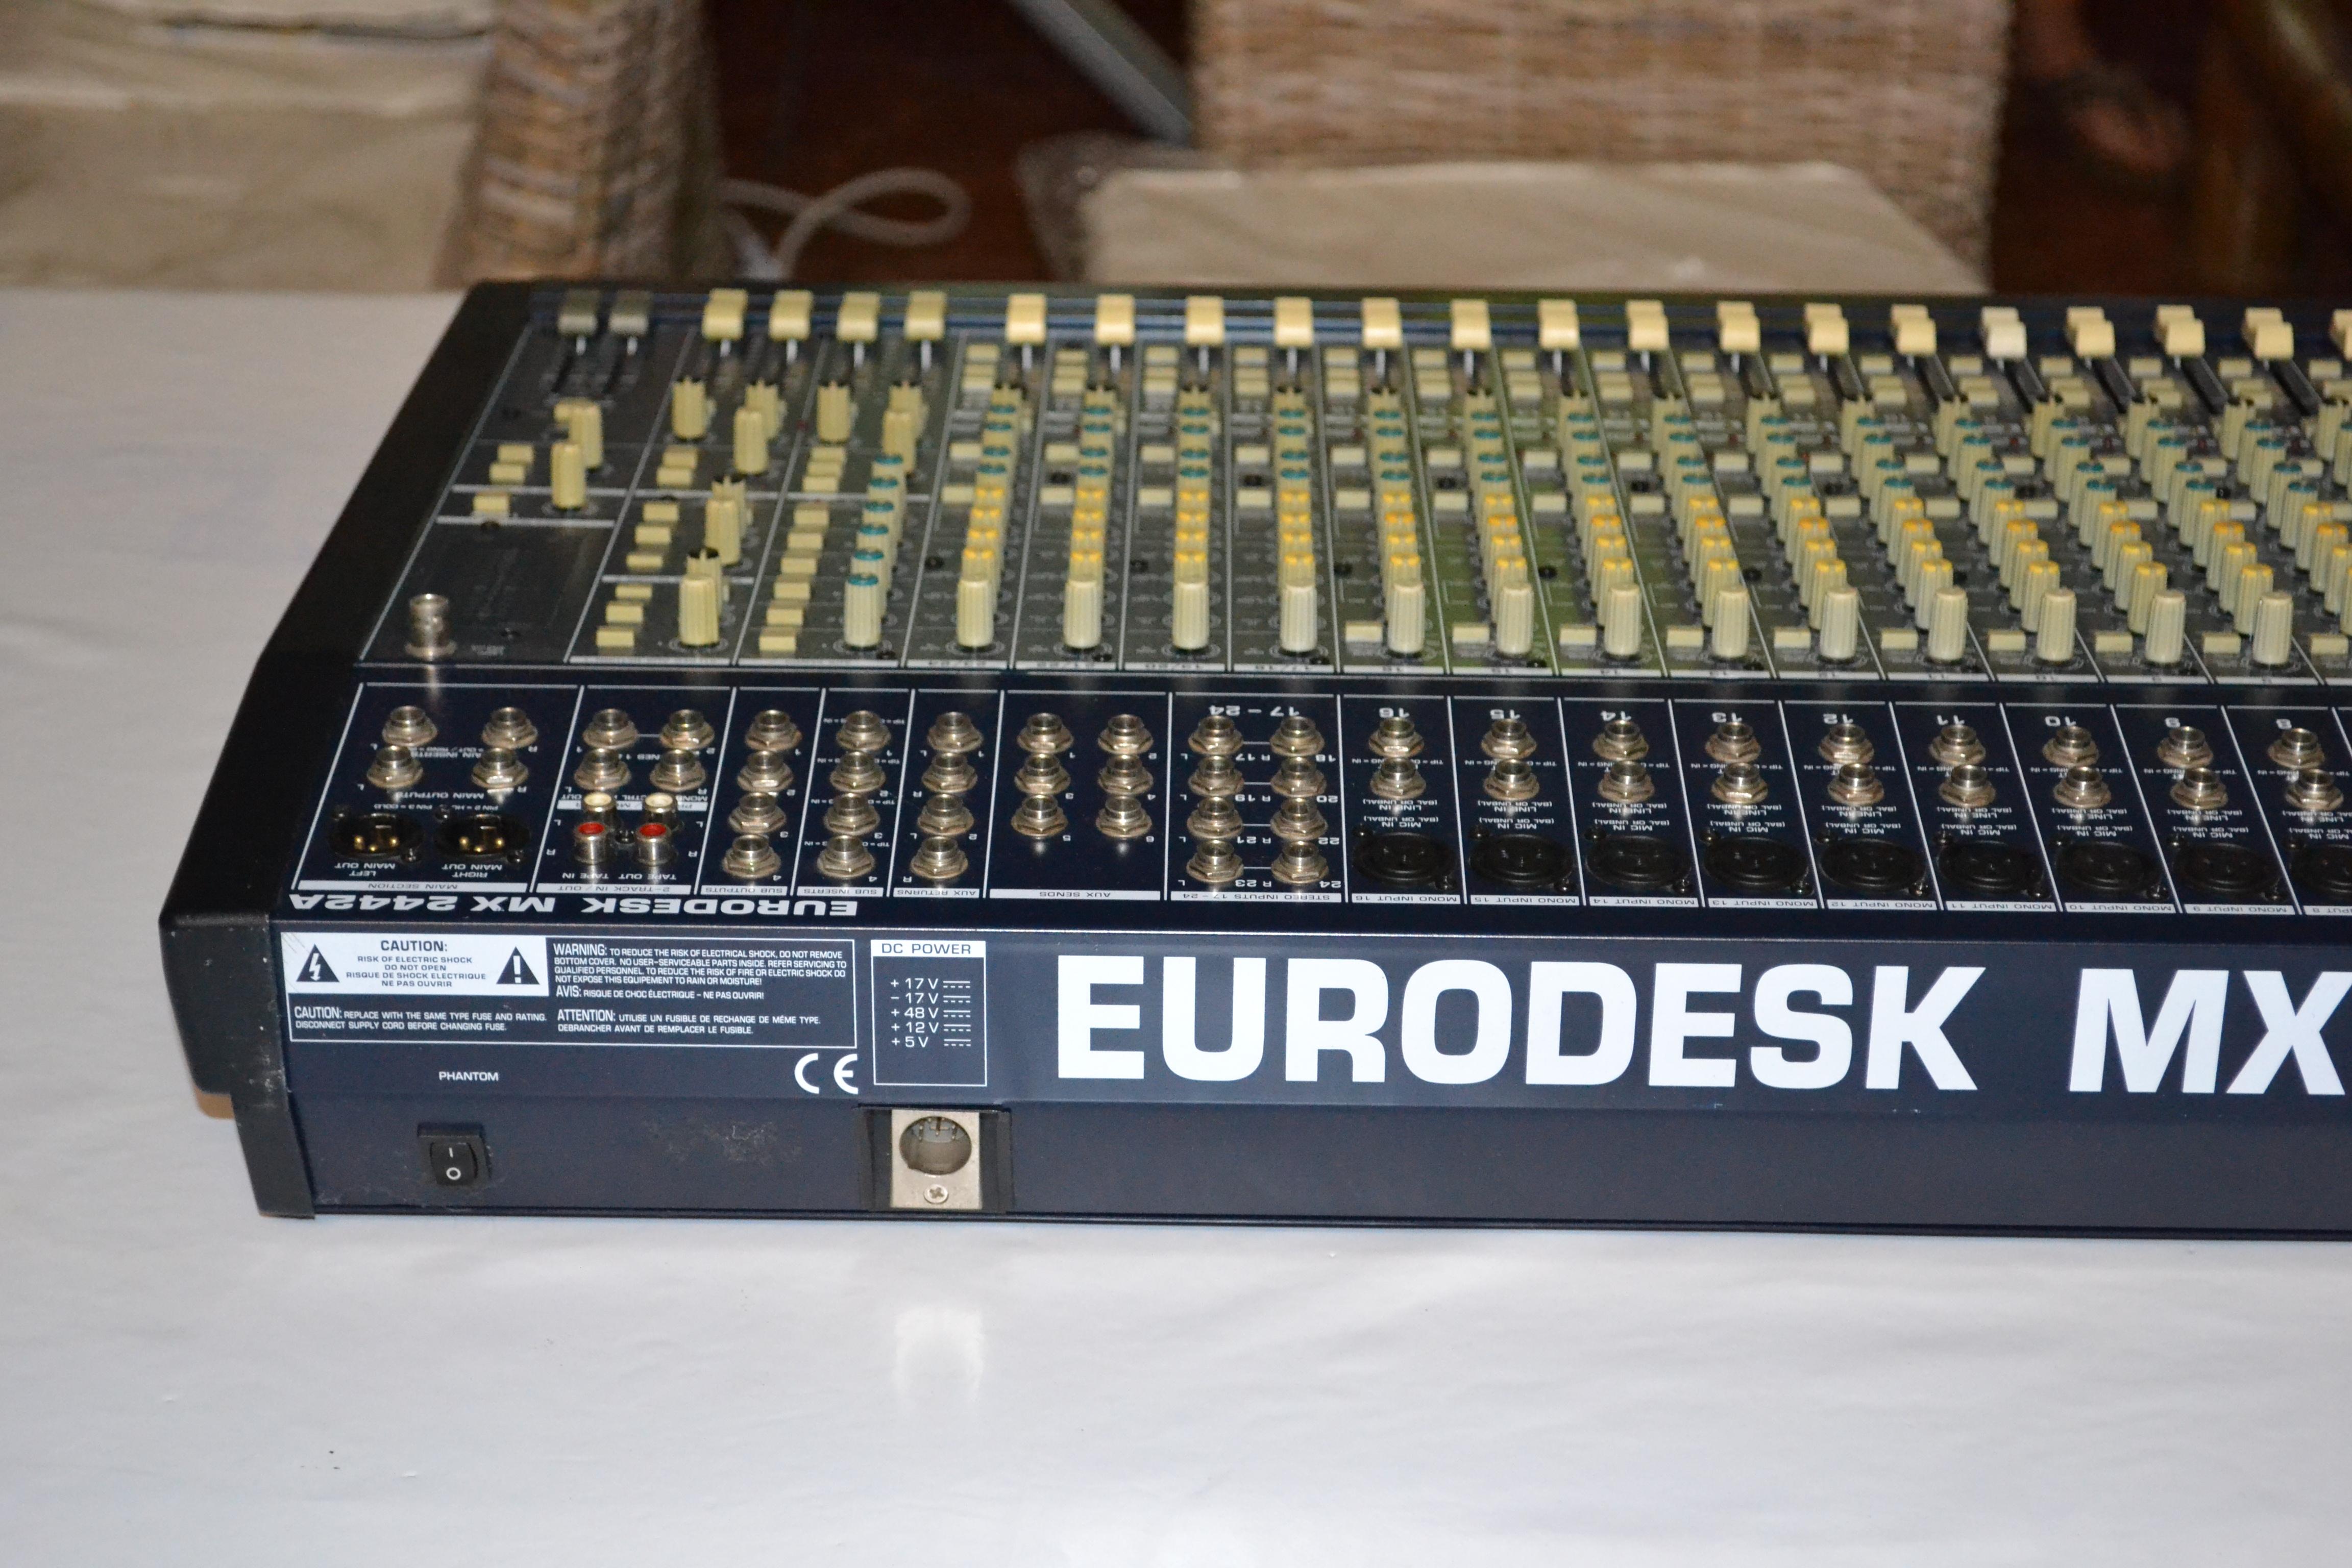 Behringer Eurodesk Mx2442a : behringer eurodesk mx2442a image 651979 audiofanzine ~ Russianpoet.info Haus und Dekorationen